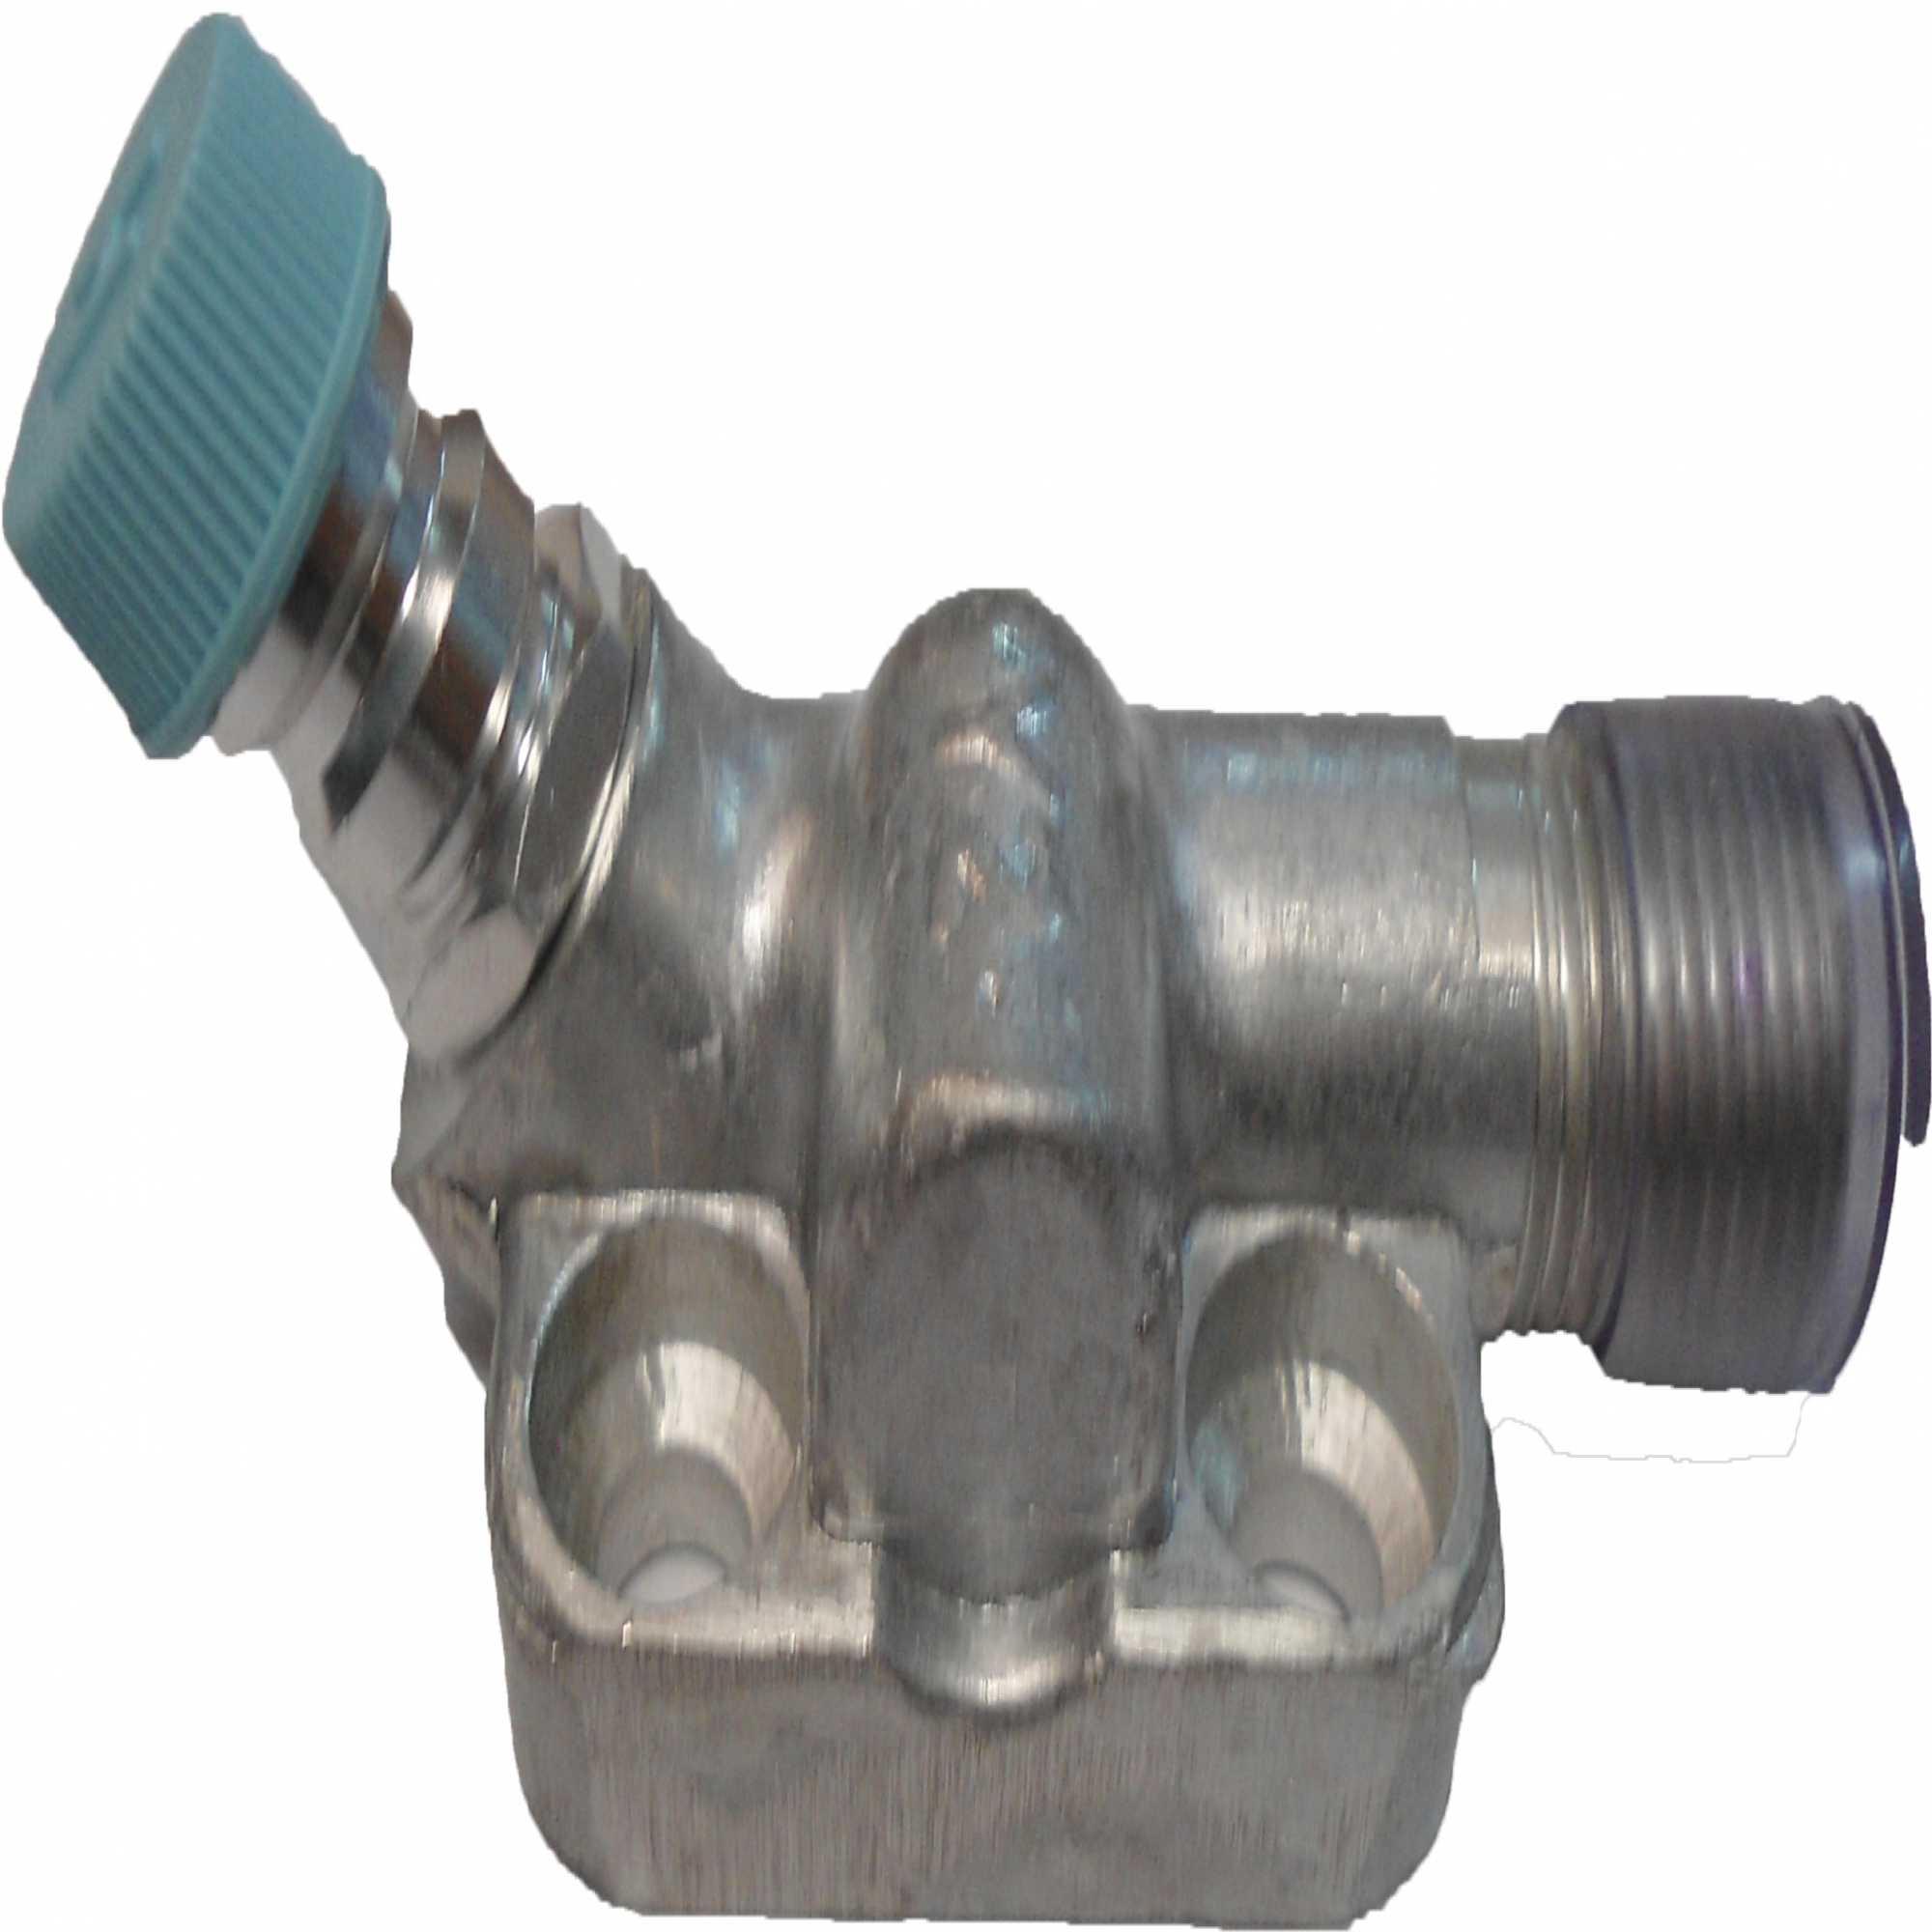 """Valvula Servico - Descarga Compressor 6P148 """"Valtra Bh Descarga Compressor 6P148 *Valtra Bh Antigo*"""